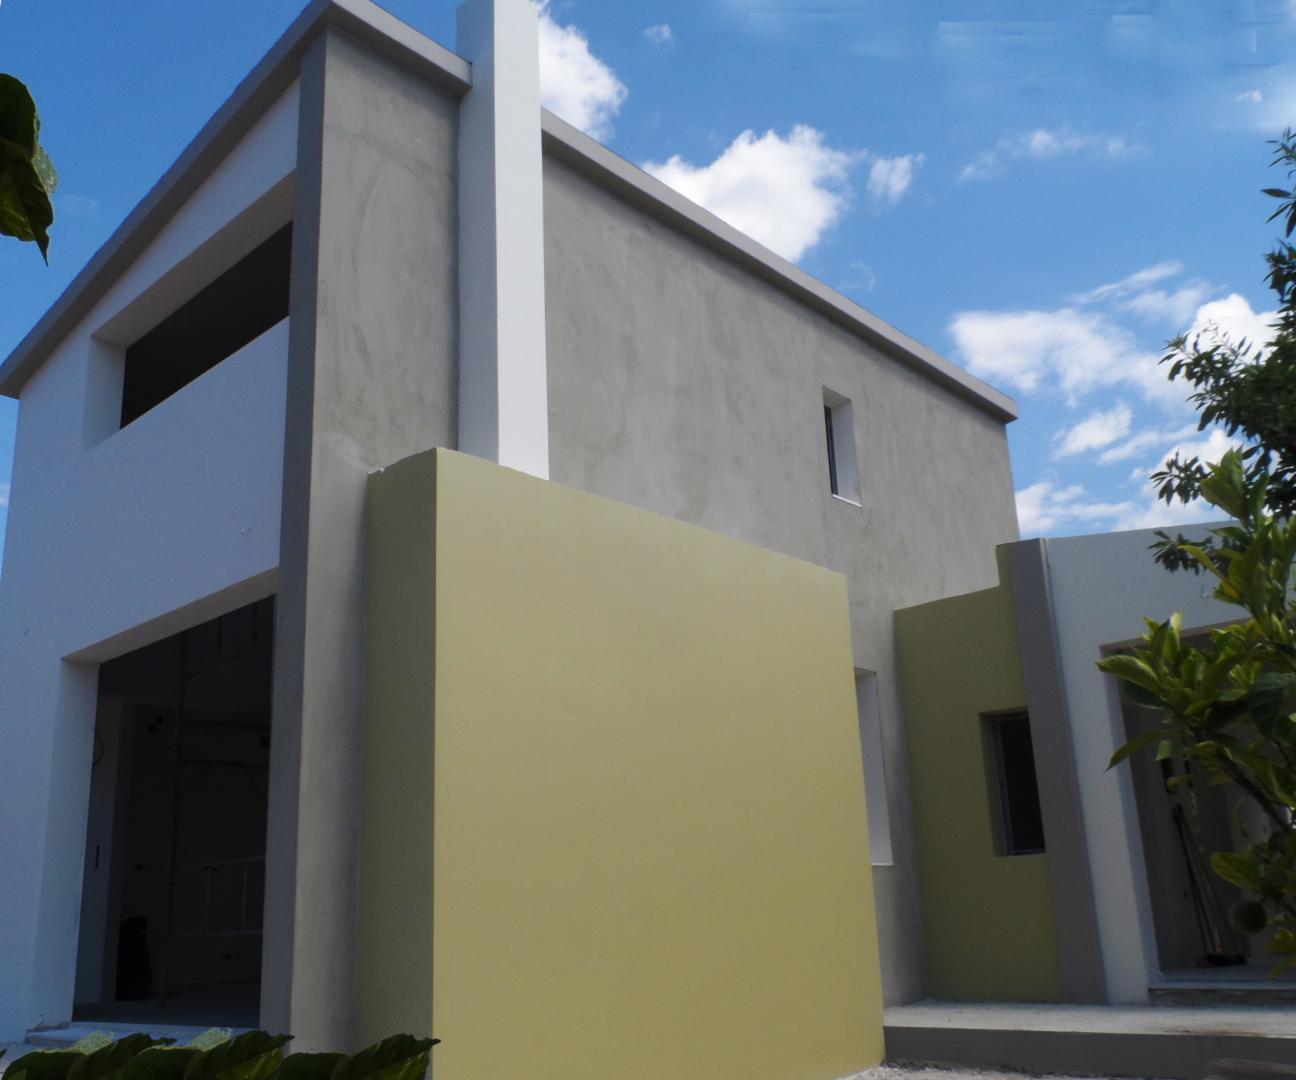 νέα μικρή εξοχική κατοικία